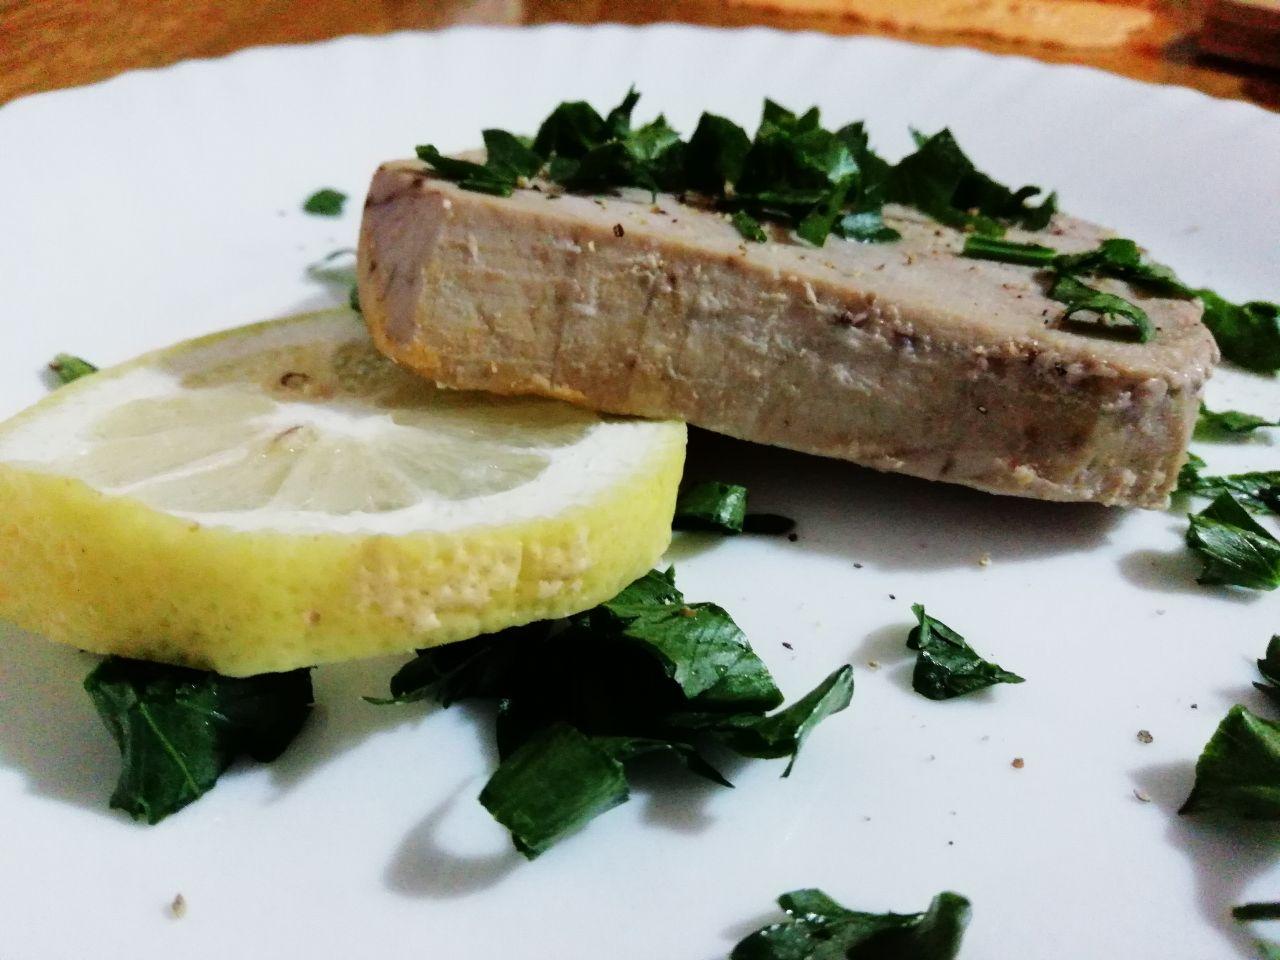 Secondi piatti a base di pesce: filetto di tonno al limone e prezzemolo!